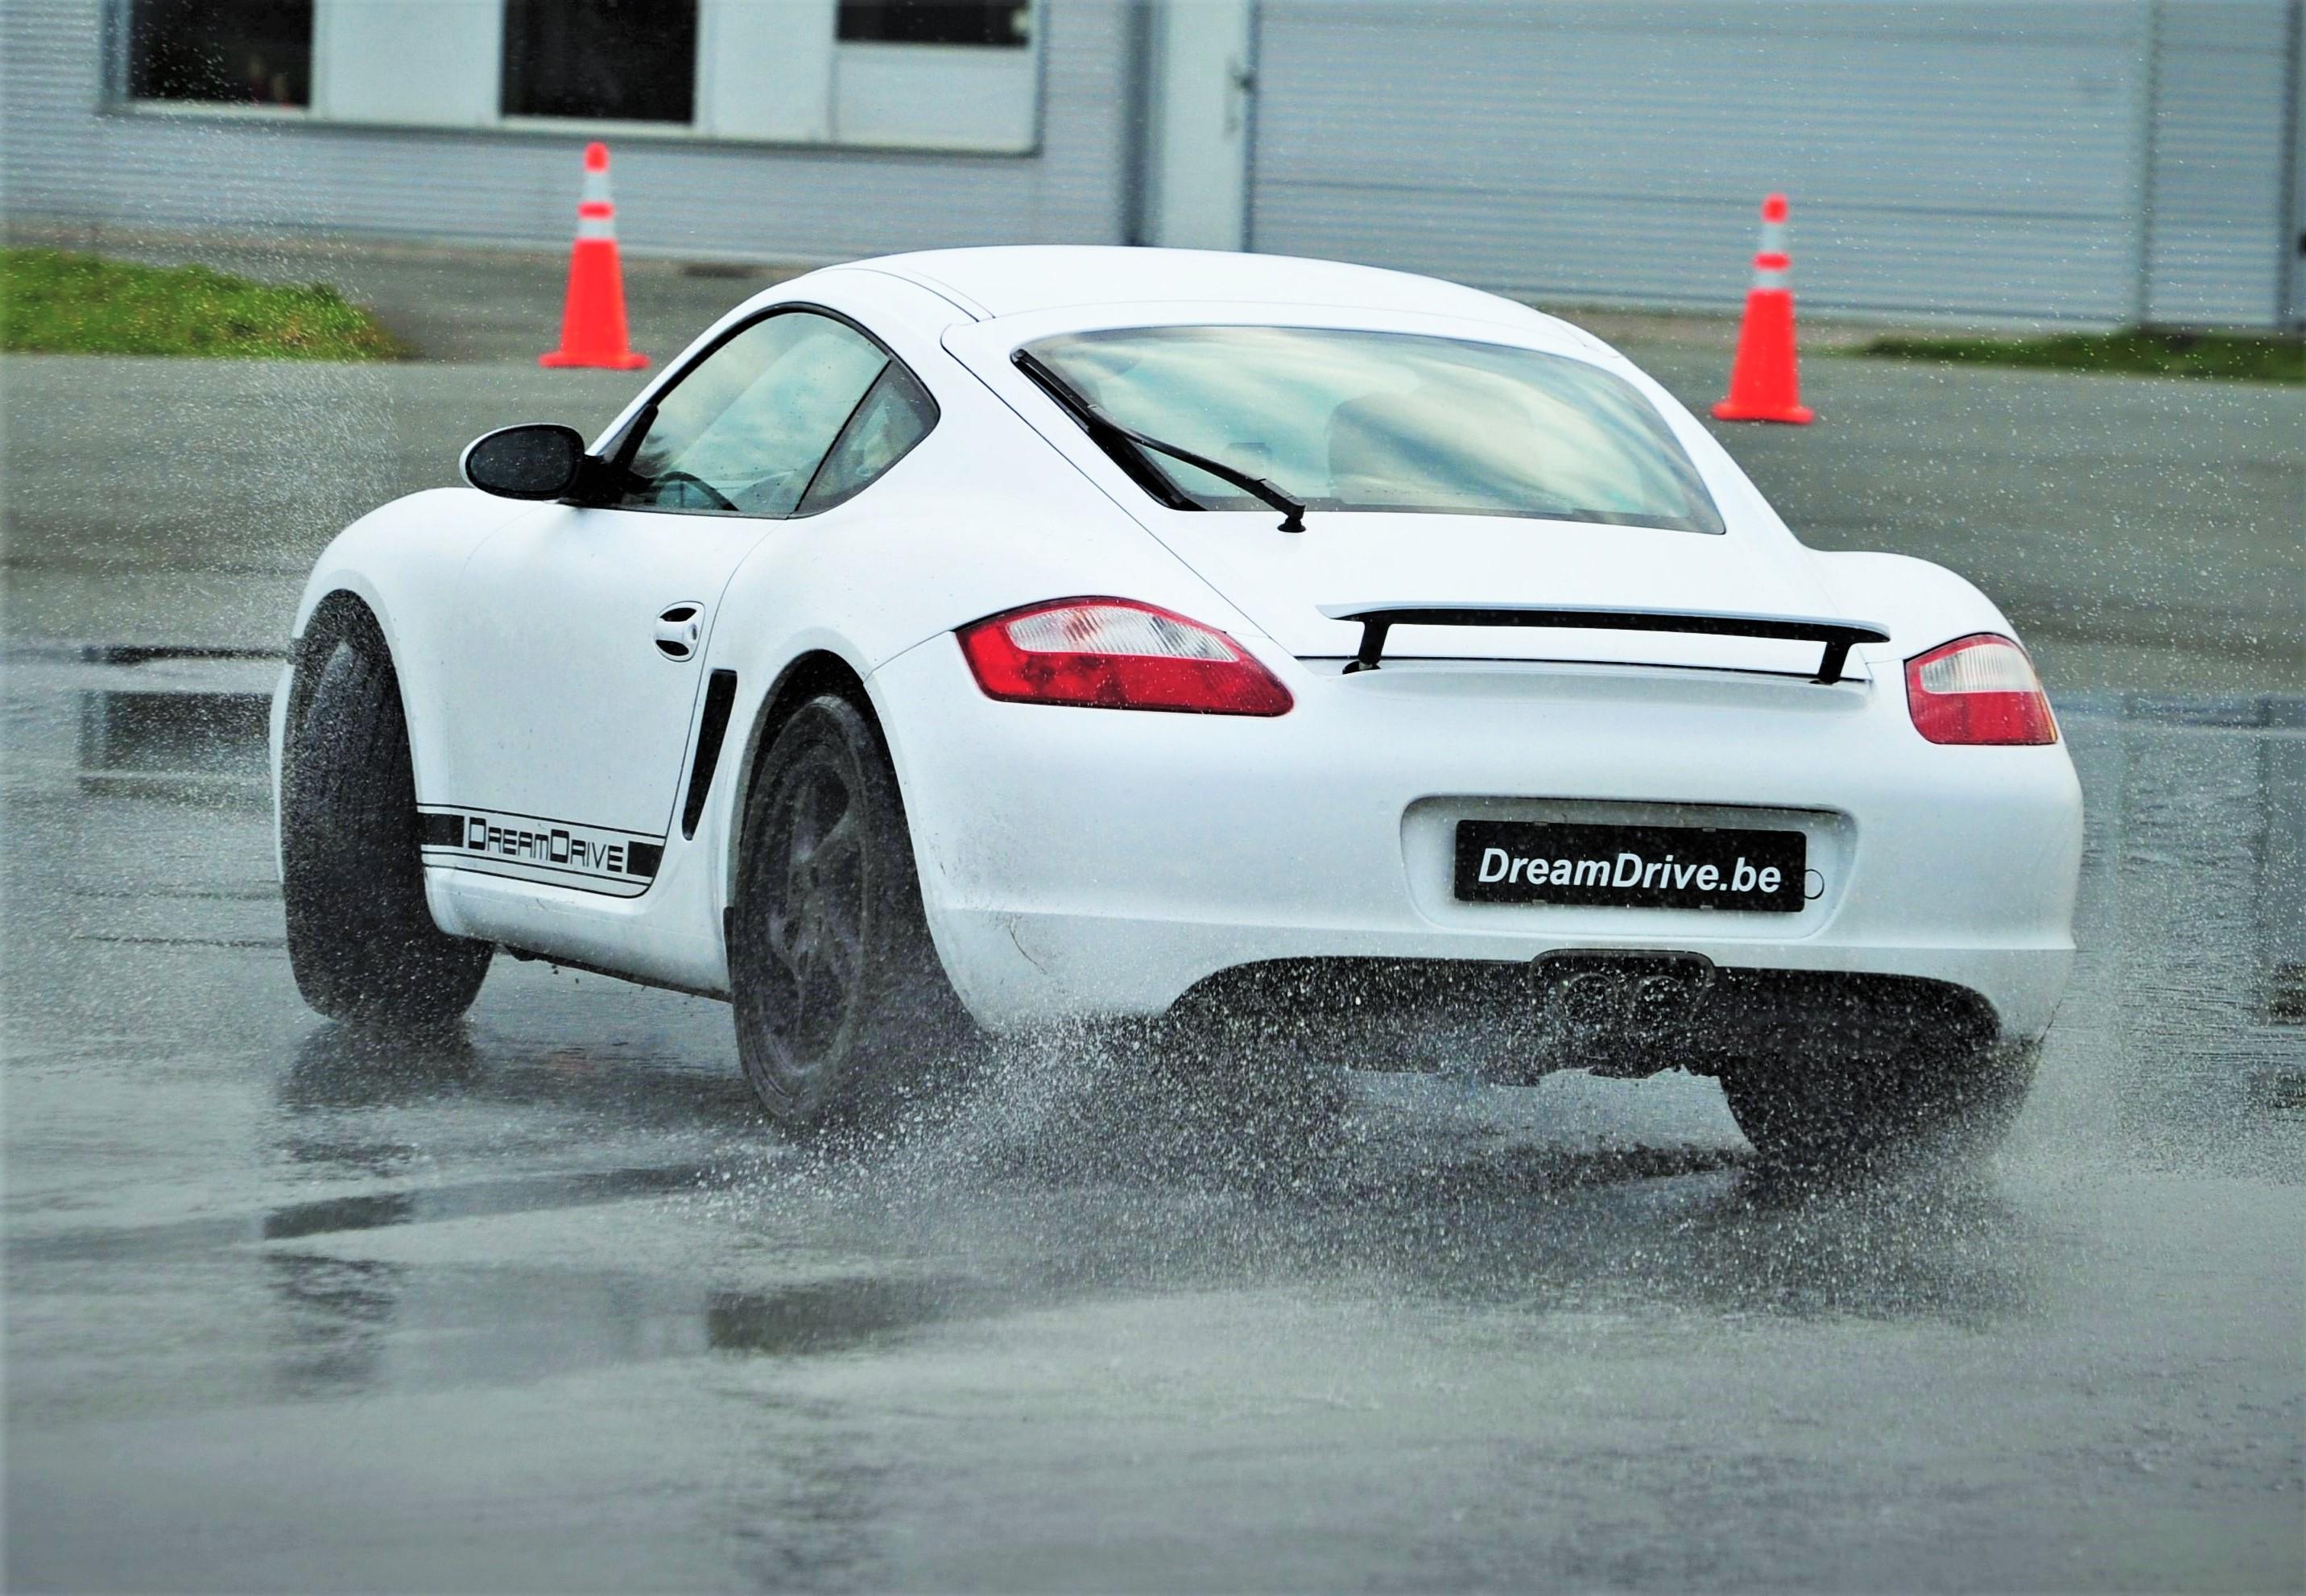 SafetyDrive Jeffrey Van Hooydonk Porsche